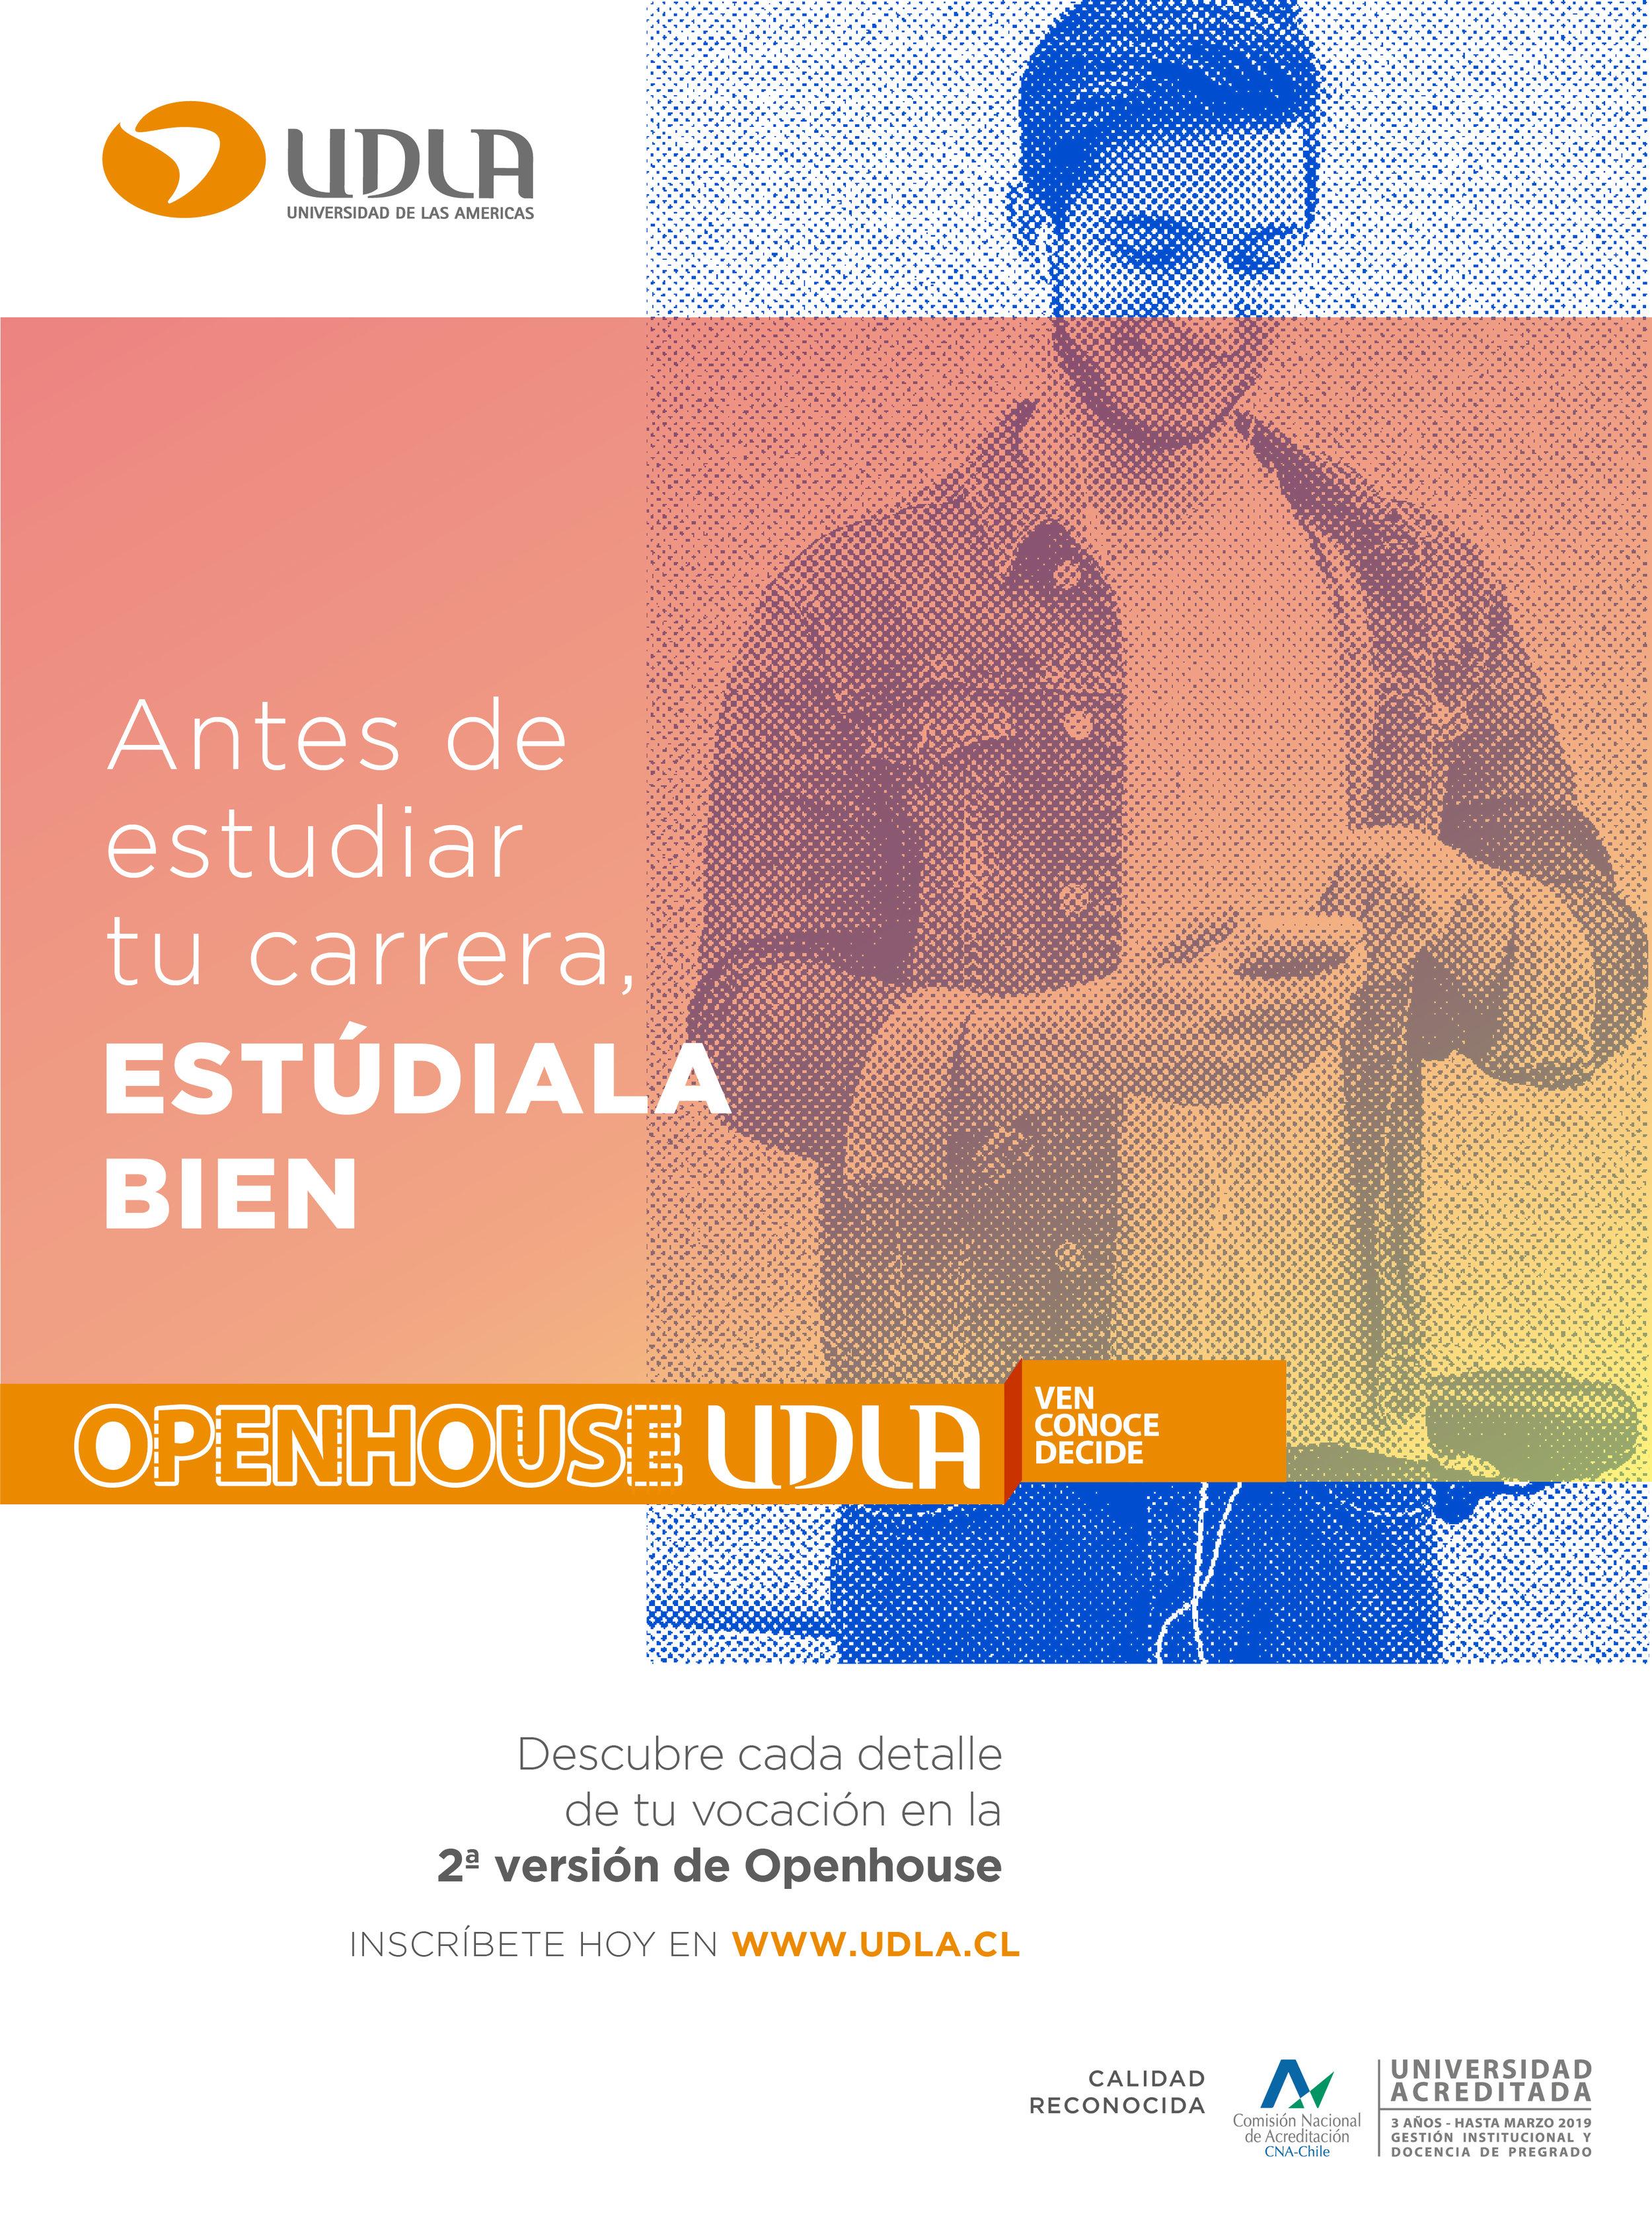 02 - UDLA - OPENHOUSE 7-12.jpg